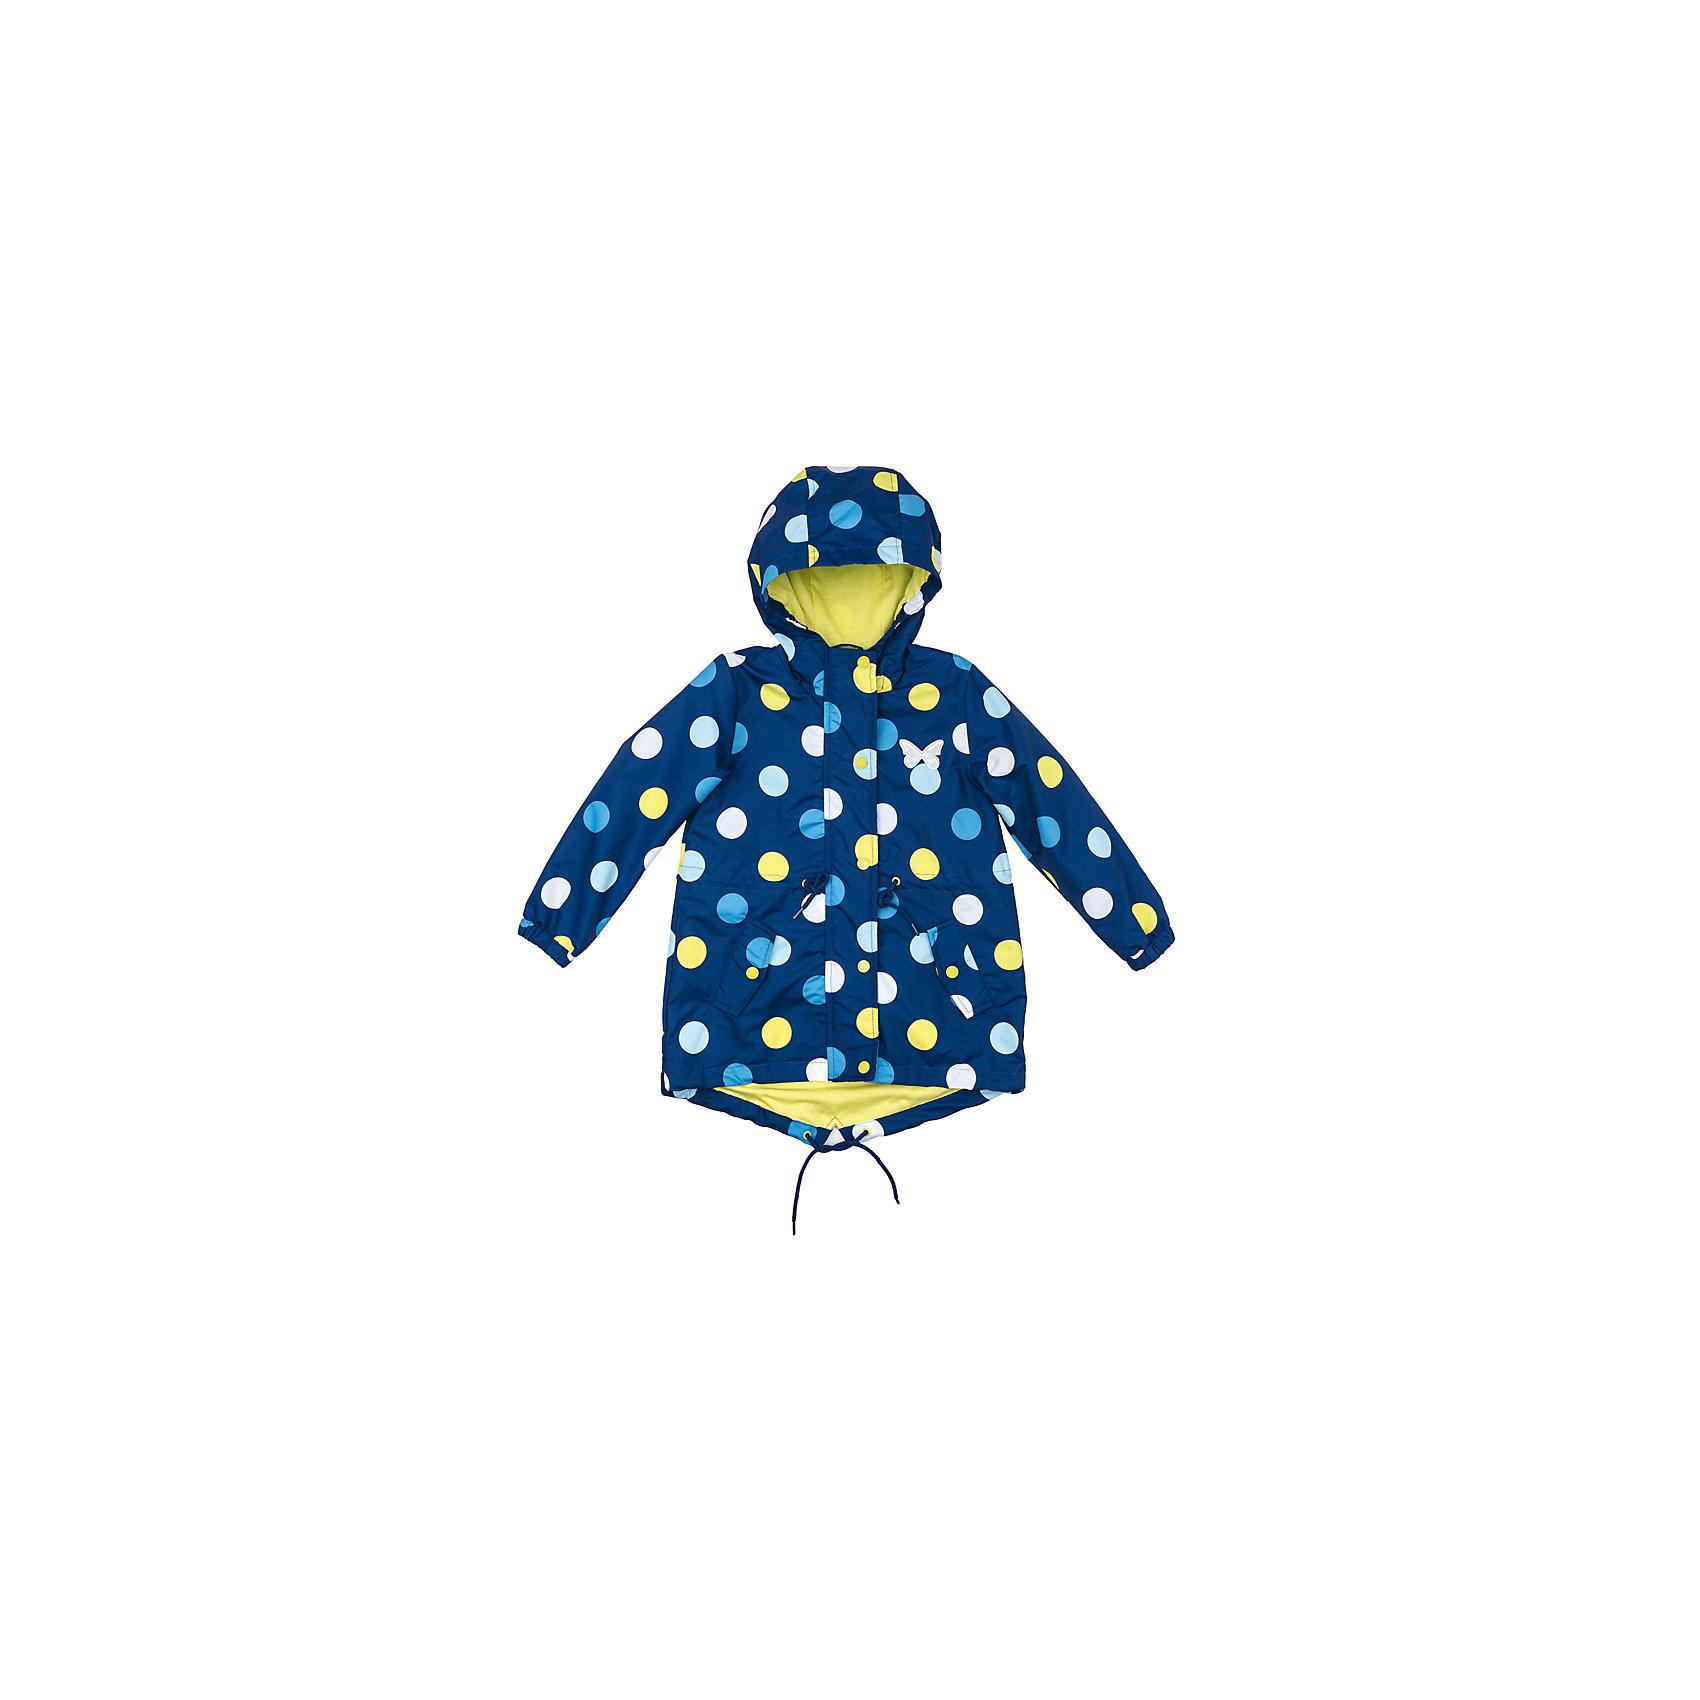 Куртка для девочки PlayTodayКуртка для девочки PlayToday<br>Практичная яркая со специальной водоотталкивающей пропиткой защитит Вашего ребенка в любую погоду! Мягкие  резинки на рукавах защитят Вашего ребенка - ветер не сможет проникнуть под куртку.  Специальный карман для фиксации застежки-молнии не позволит застежке травмировать нежную кожу ребенка. Модель снабжена удобными регулируемым шнурами - кулисками на капюшоне, талии и по низу изделия. Светоотражатели позволят видеть Вашего ребенка в темное время суток.  <br><br>Преимущества: <br><br>Водоооталкивающая ткань<br>Защита подбородка. Специальный карман для фиксации застежки-молнии. Наличие данного кармана не позволит застежке -молнии травмировать нежную кожу ребенка<br>Модель снабжена удобными регулируемыми шнурами - кулисками<br><br>Состав:<br>Верх: 100% полиэстер, подкладка: 60% хлопок, 40% полиэстер<br><br>Ширина мм: 356<br>Глубина мм: 10<br>Высота мм: 245<br>Вес г: 519<br>Цвет: разноцветный<br>Возраст от месяцев: 84<br>Возраст до месяцев: 96<br>Пол: Женский<br>Возраст: Детский<br>Размер: 128,104,98,110,116,122<br>SKU: 5404230